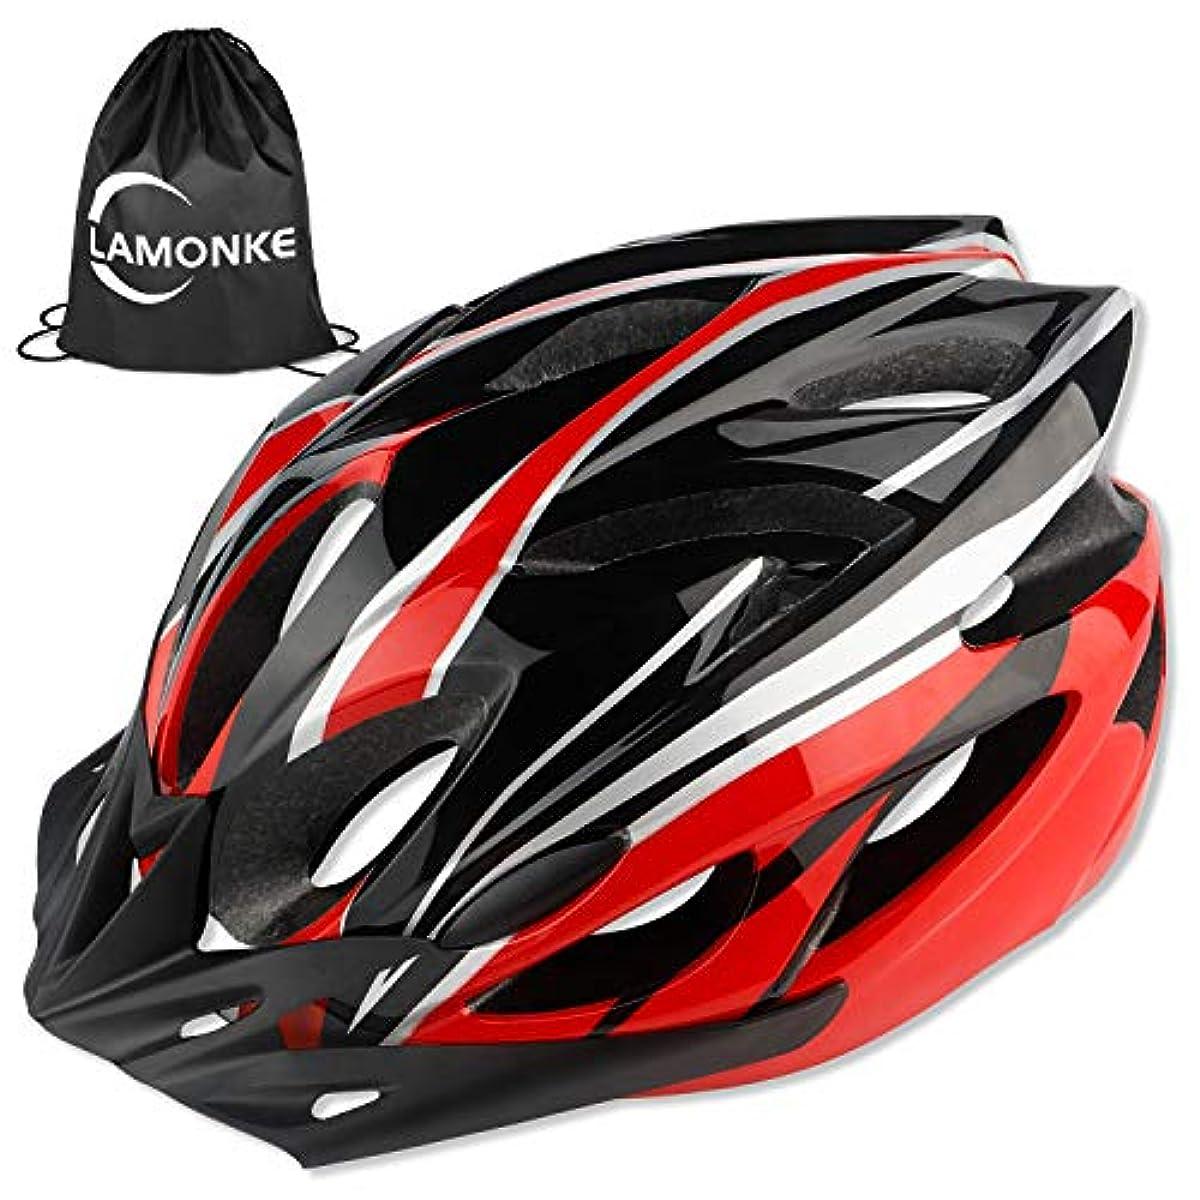 [해외] 고통기성 사이클링 헬멧 초경량 로드 헬멧 썬바이져 부착 고강성 남녀공용 블랙 앤 레드